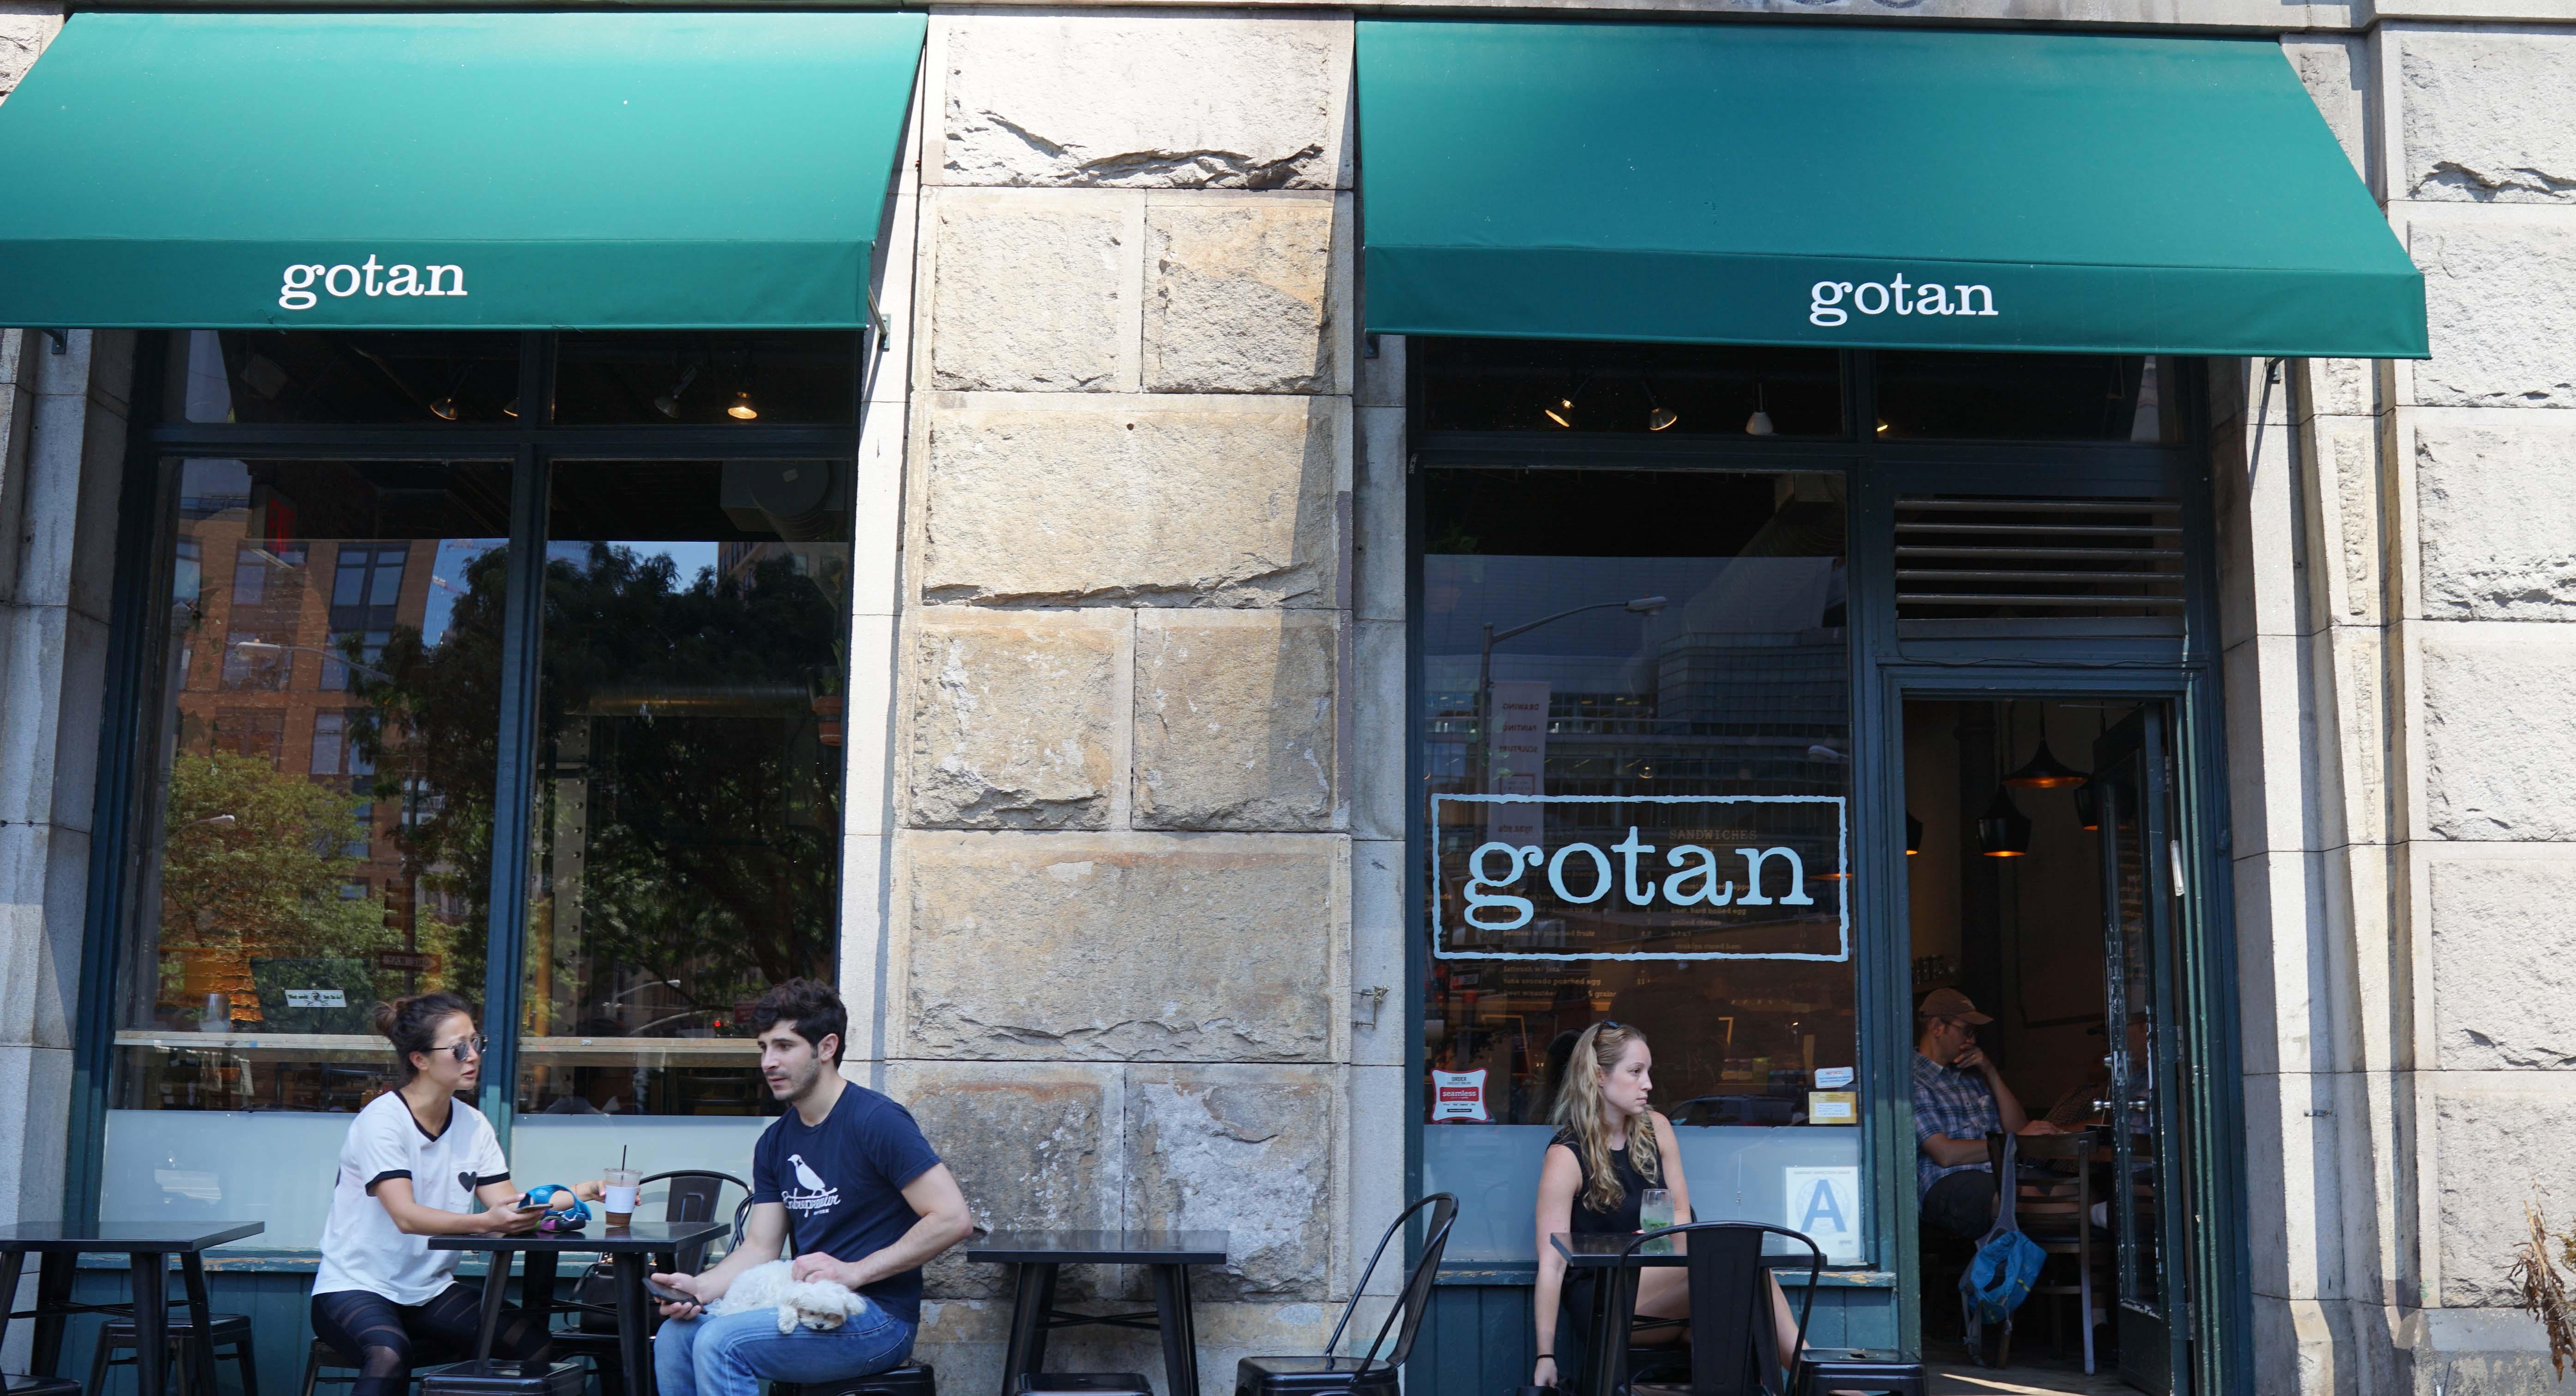 Gotan outdoors